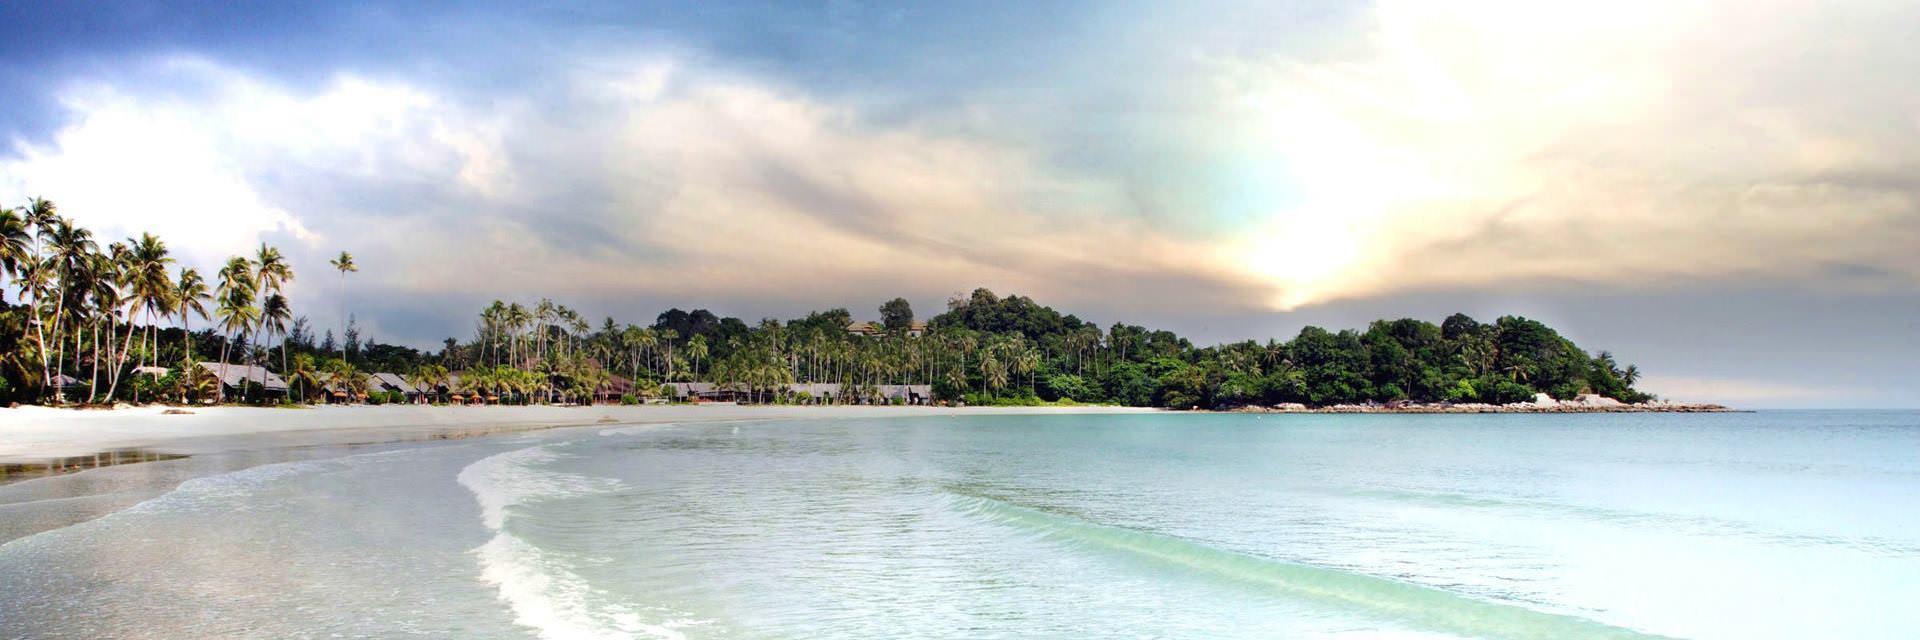 Pulau Bintan, Sang Primadona Dari Kepulauan Riau yang Menawan